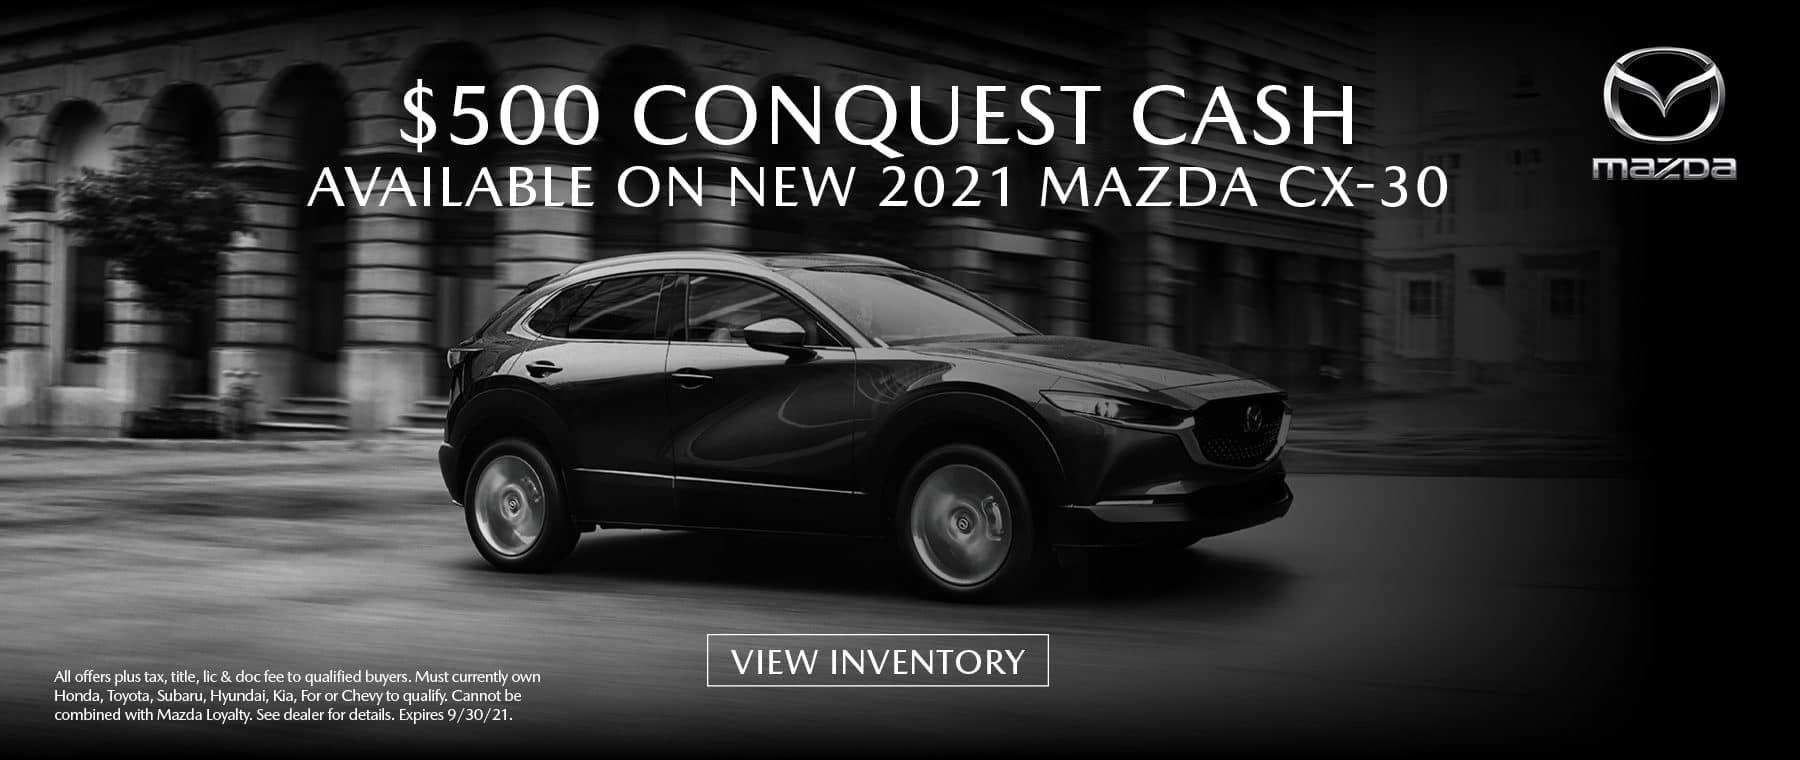 PUGI-MAZ-CX30-CONQUEST-$500-SEPT-1800×760